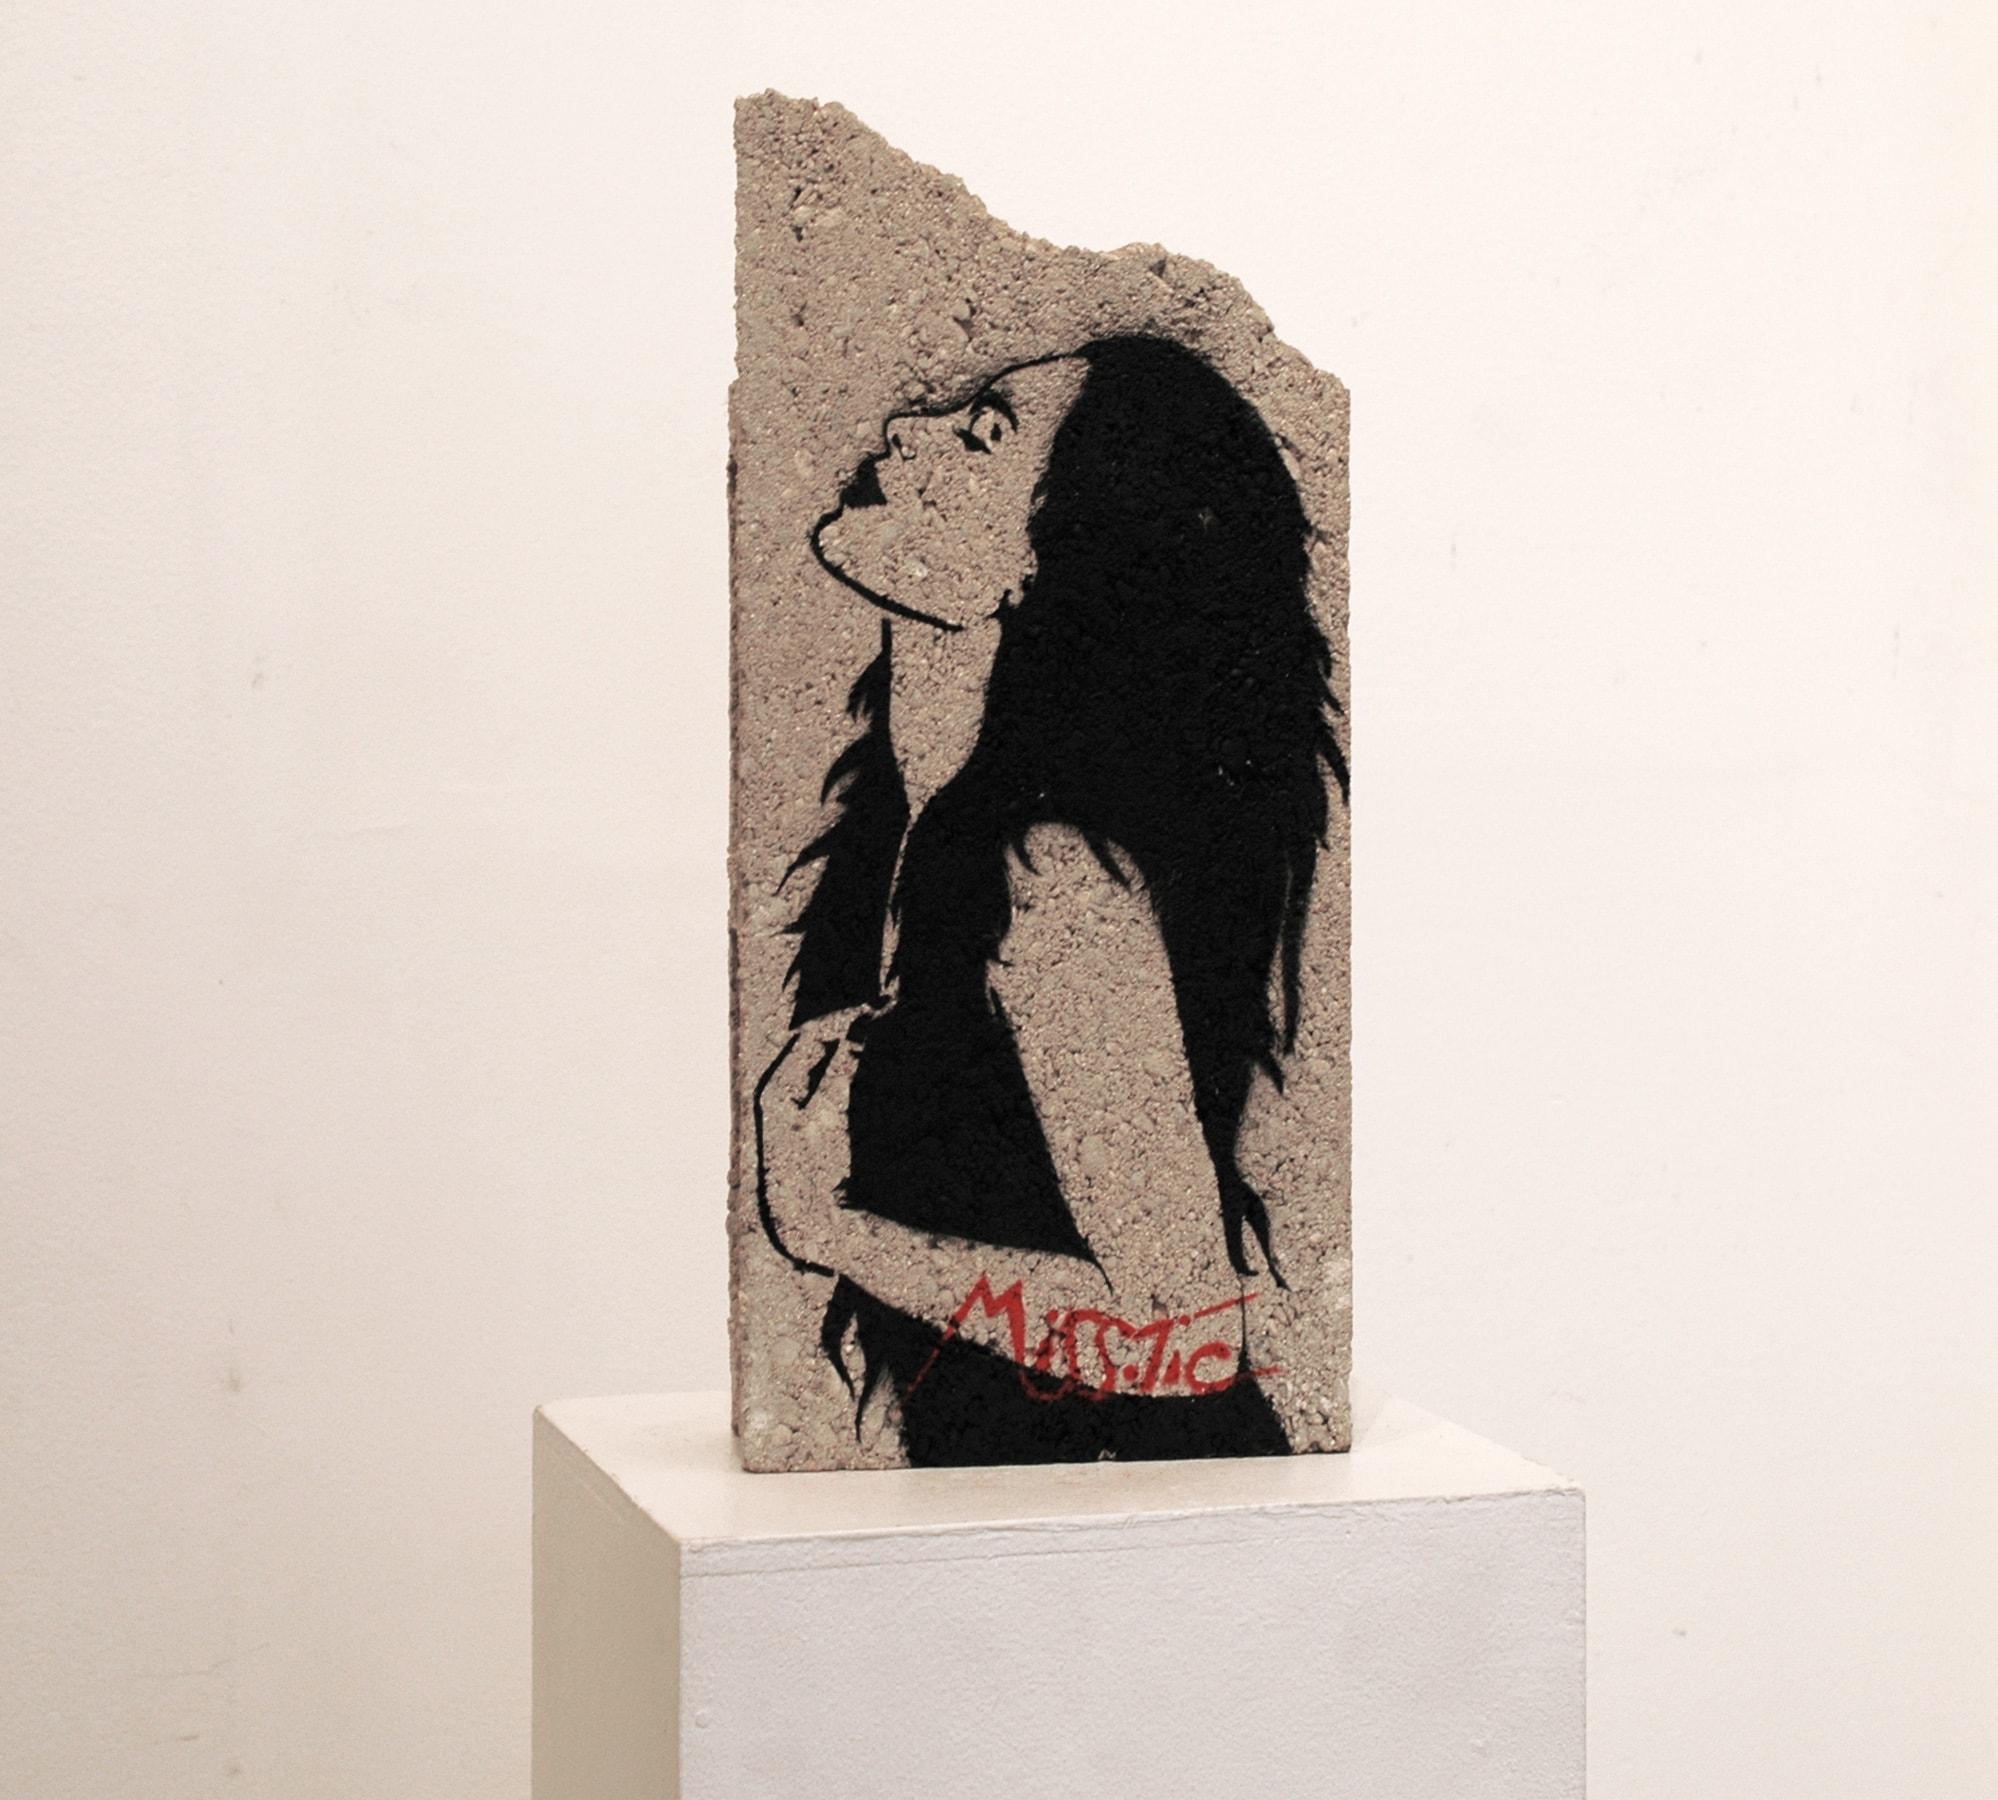 Galerie Art Jingle MISS.TIC Pour Le Meilleur Et Pour Le Rire (Réf. G) 46 cm x 19 cm x 9.5 cm 2021 Devant n7